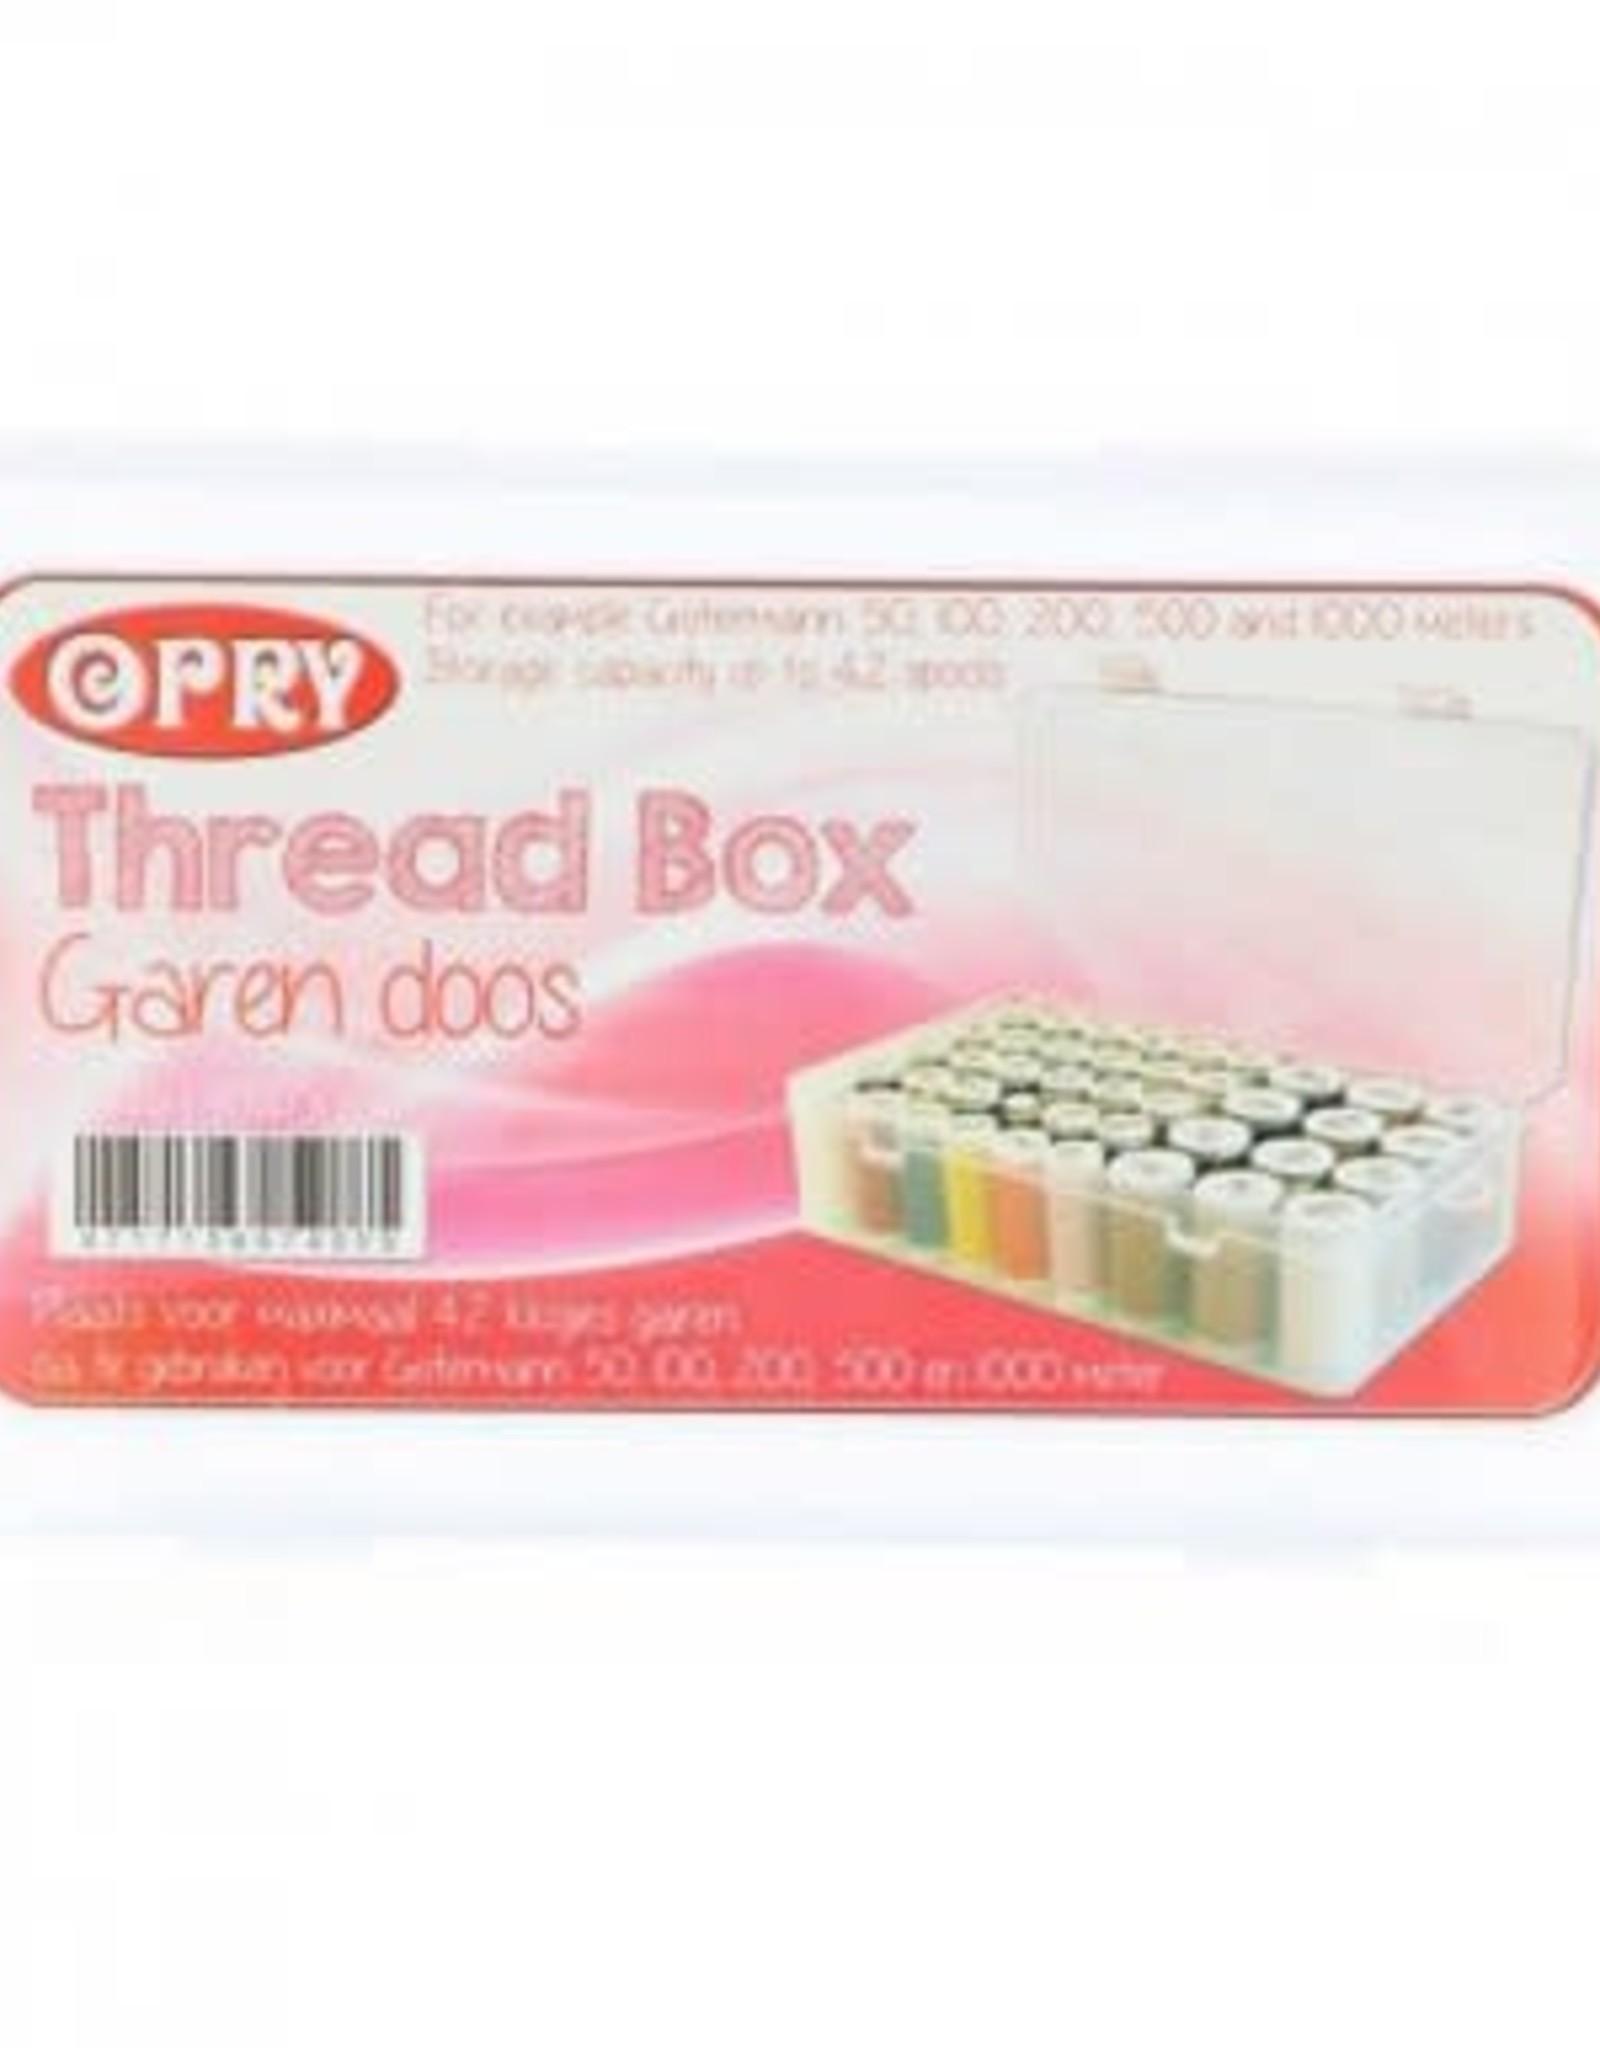 Garenbox Opry